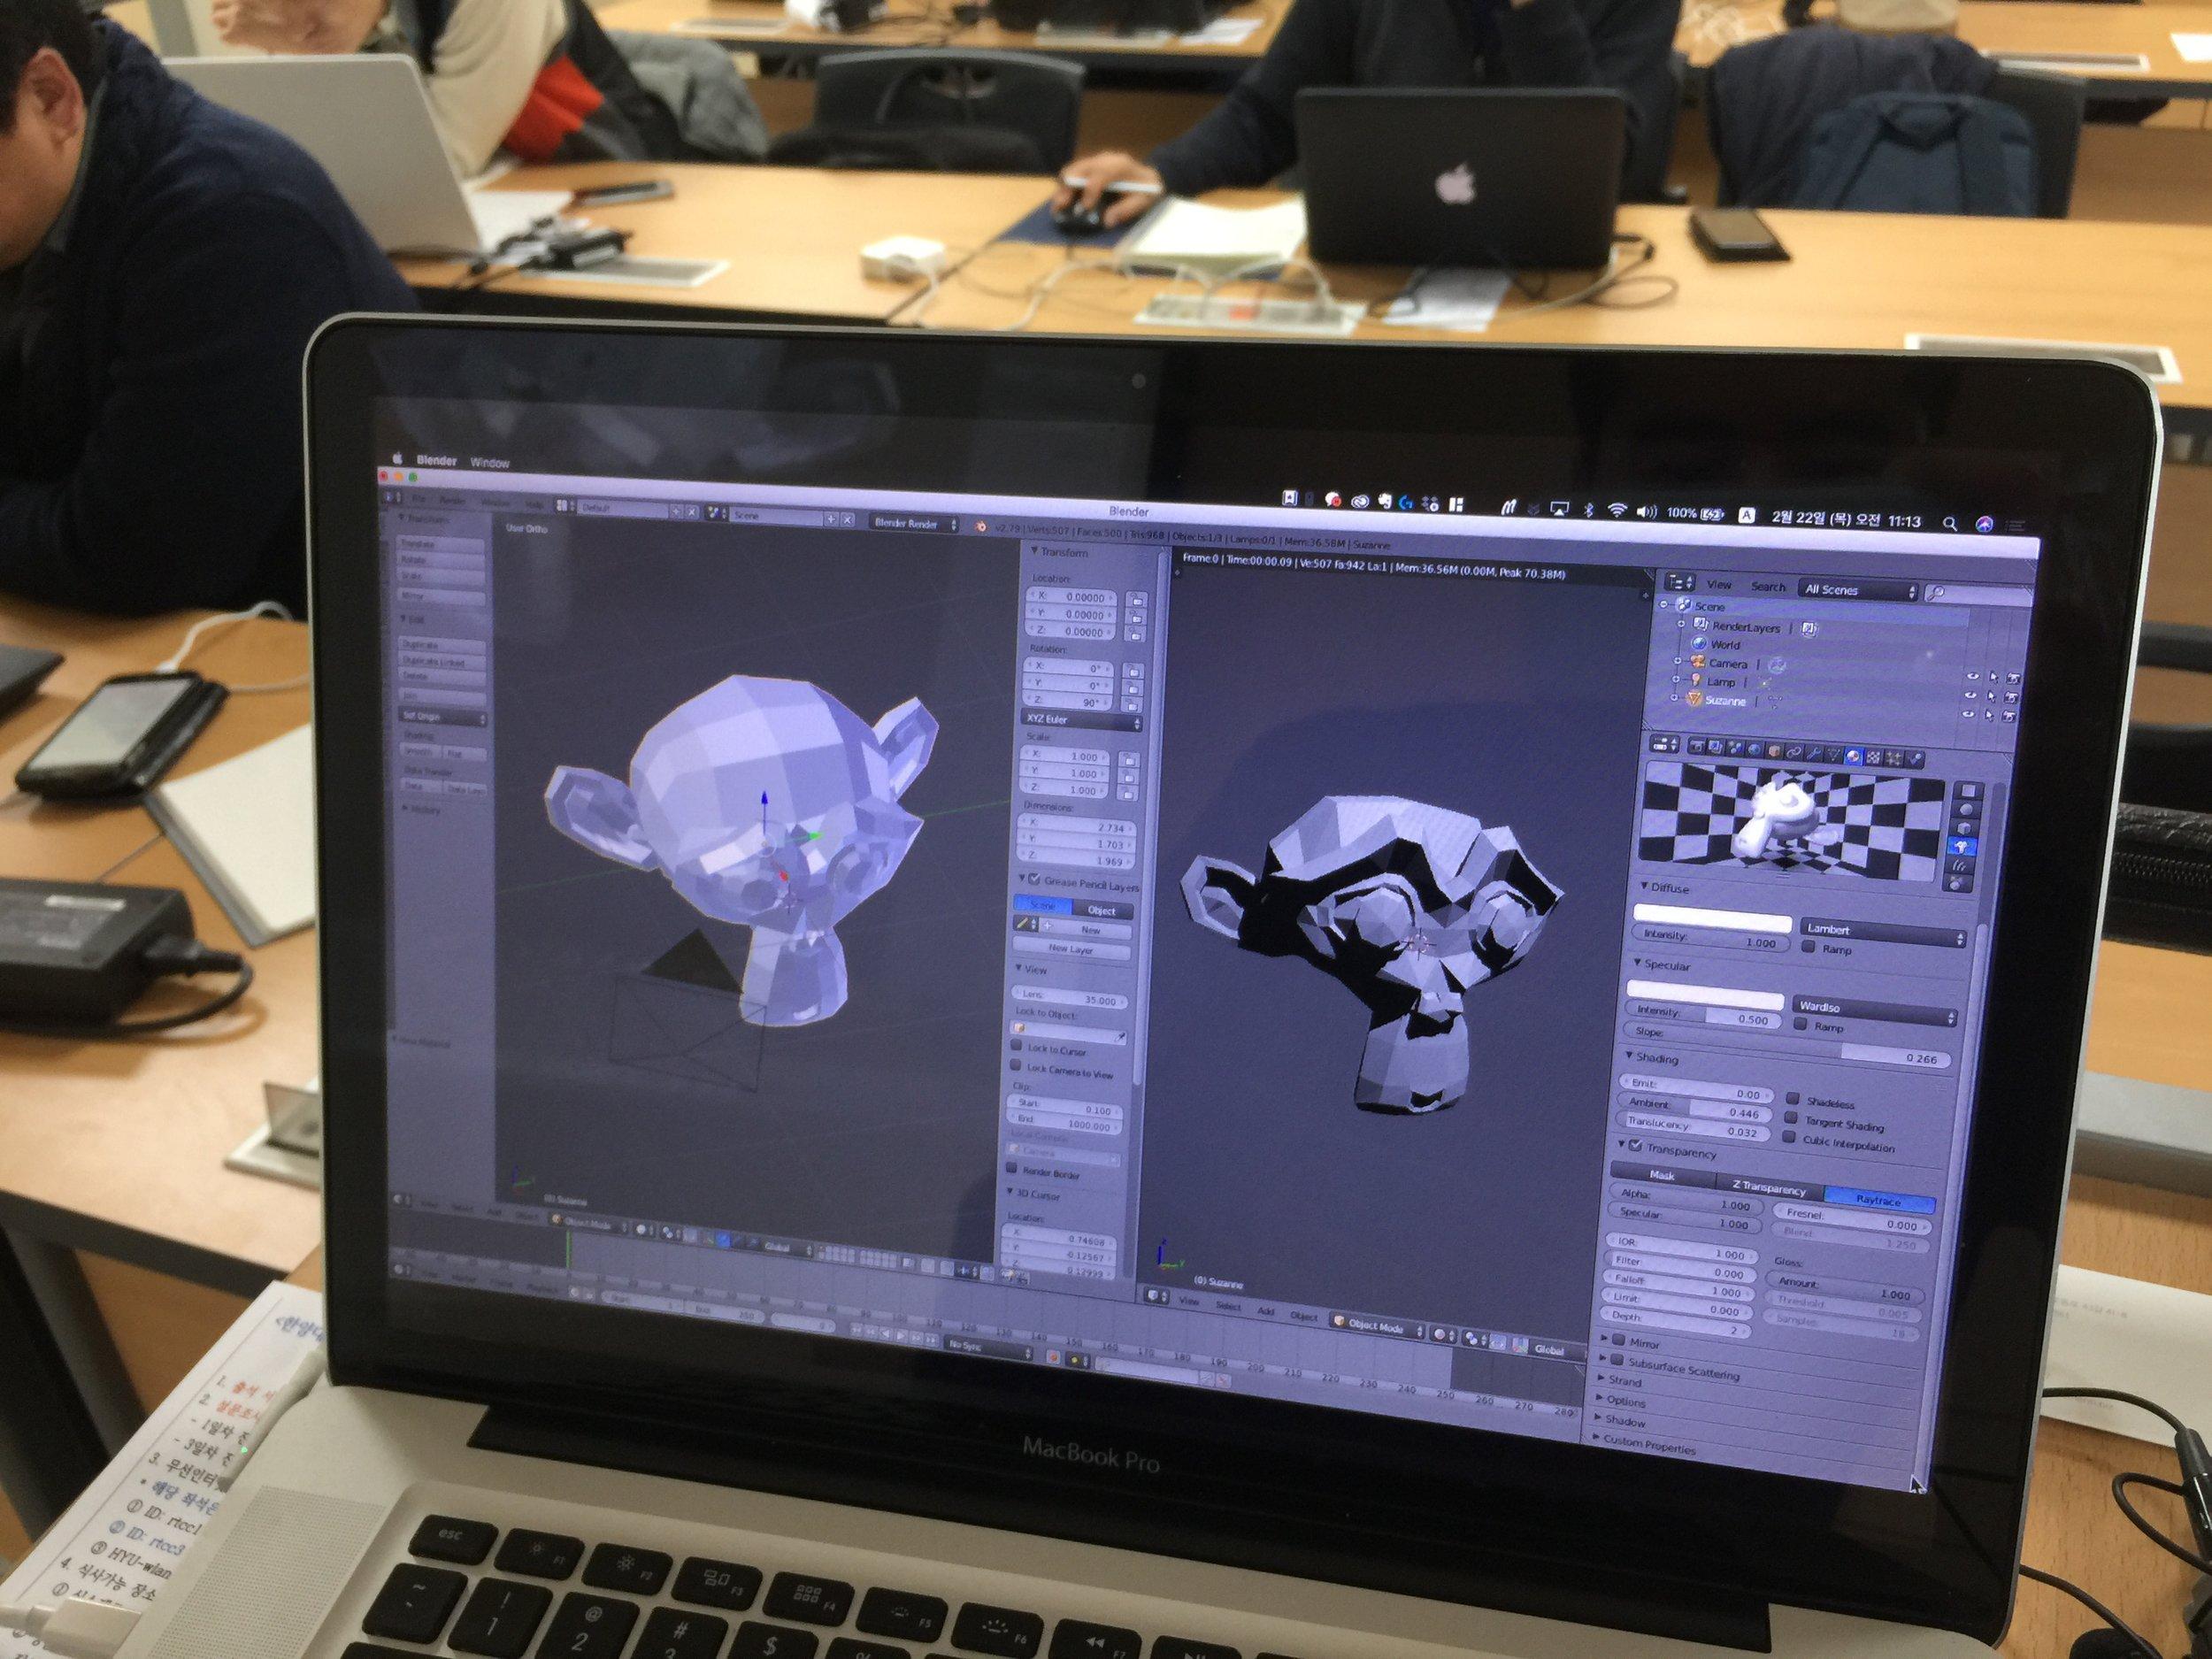 [사진] 오픈소스 블랜더 3D는 무료임에도 불구하고 높은 완성도와 쉬운 인터페이스, 간결한 사용성을 통해 손쉽게 3D 콘텐츠를 만들 수 있다.